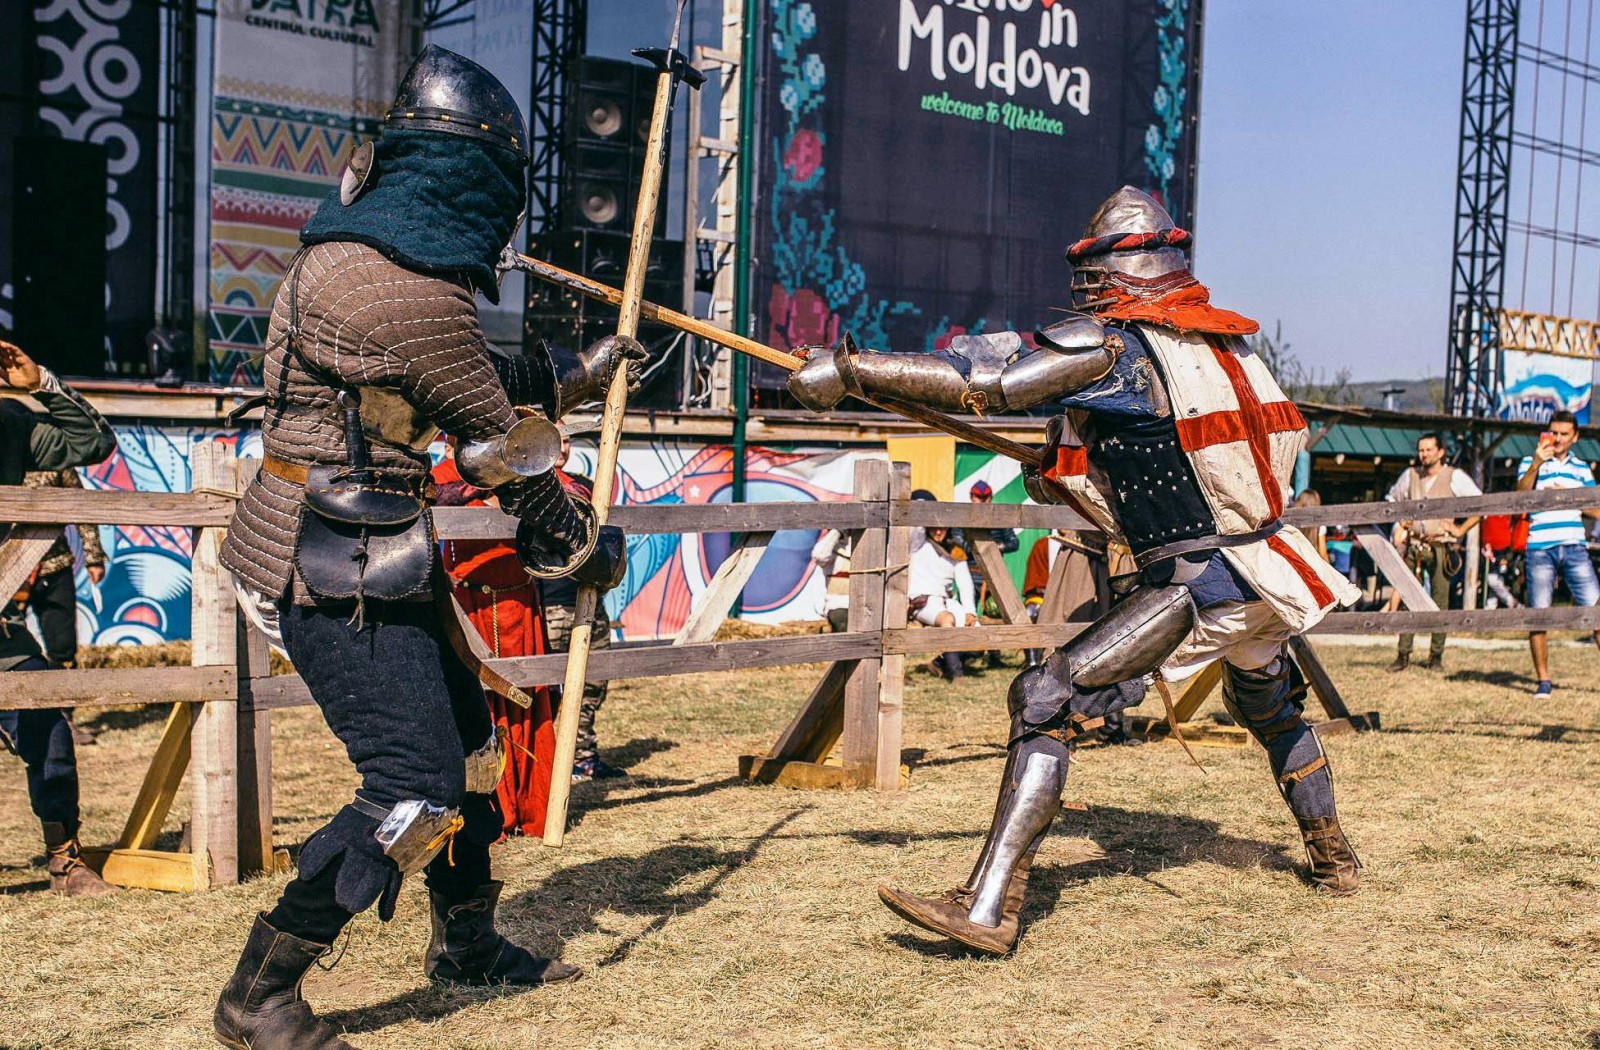 Cei mai puternici cavaleri vor lupta pentru a cuceri inima fiicei Domnitorului la Festivalul Medieval